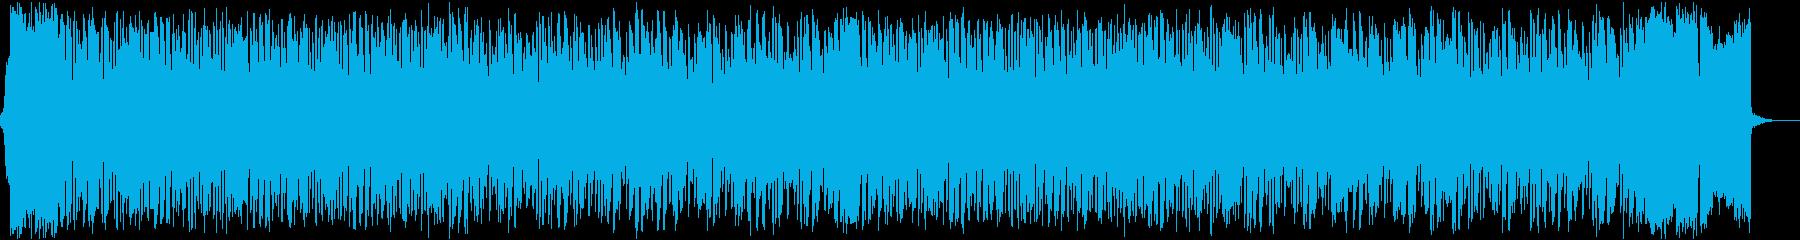 ドッキリ・ハプニング・パニック・コミカルの再生済みの波形